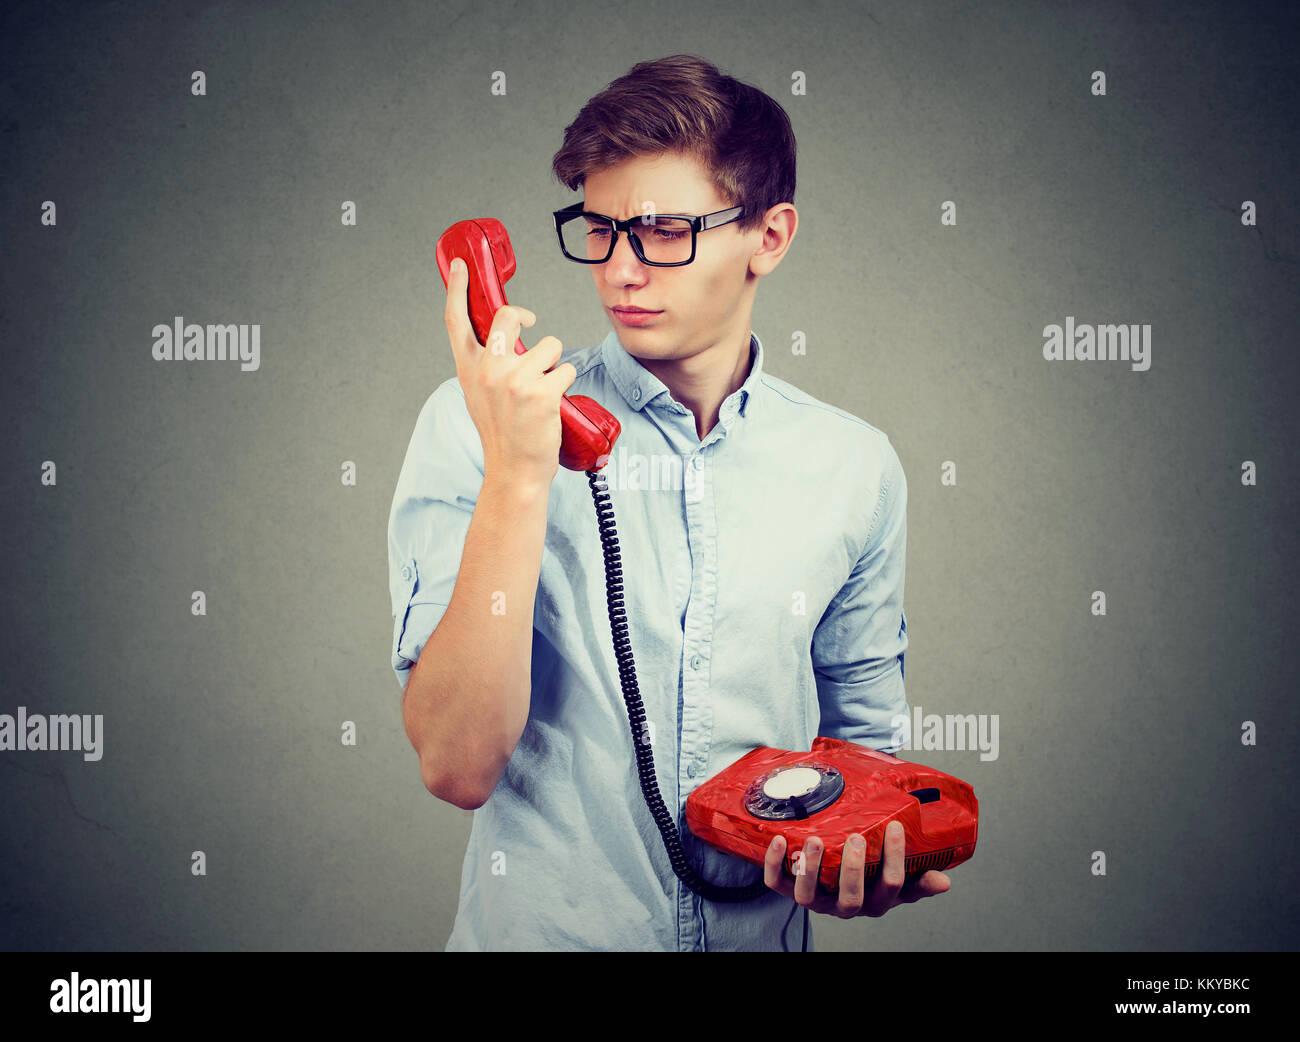 Confundirse preocupado adolescente hombre mirando el teléfono antiguo Imagen De Stock